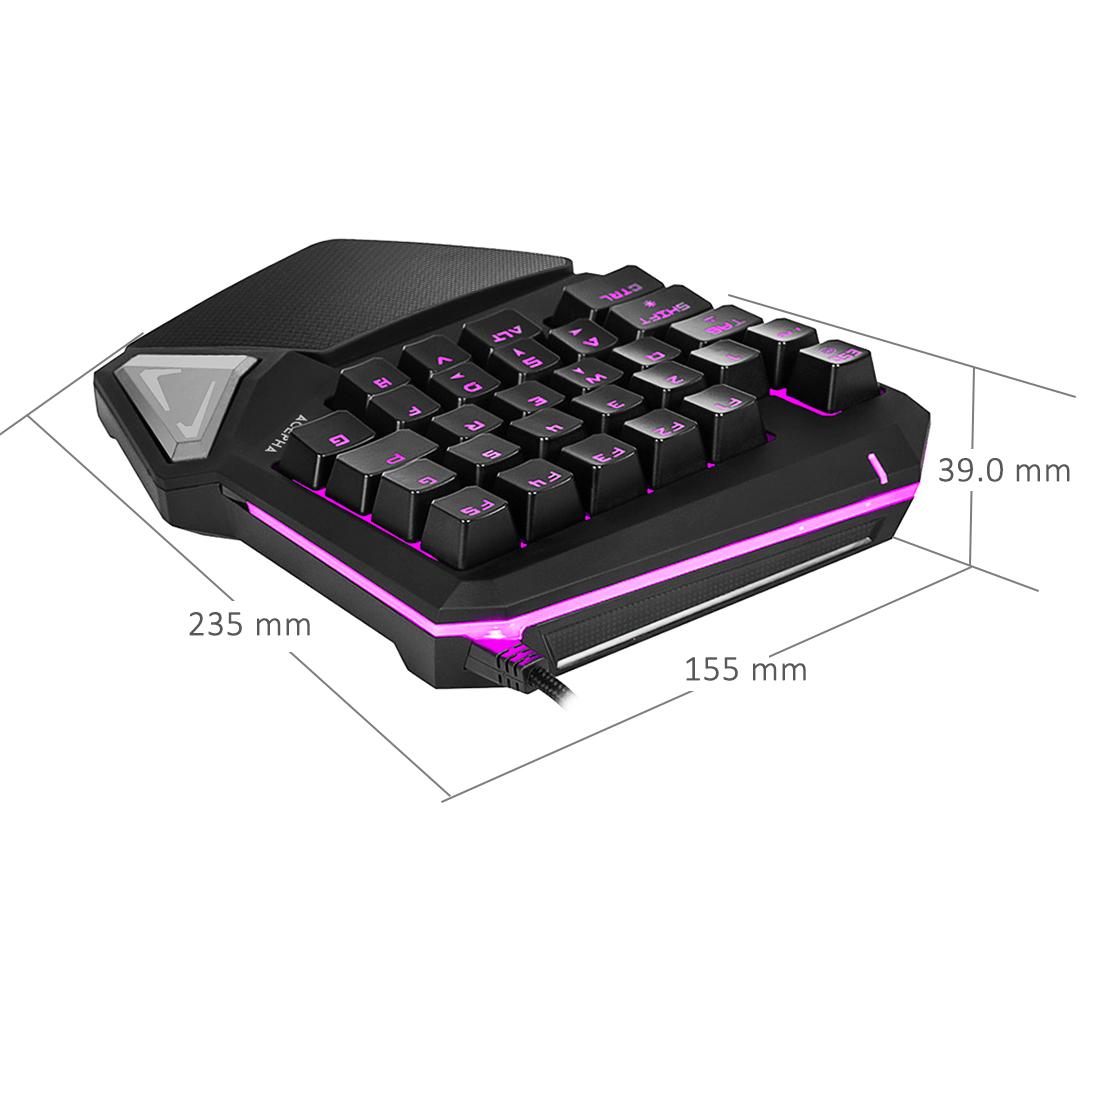 ACEPHA T9 Pro Gaming Keypad